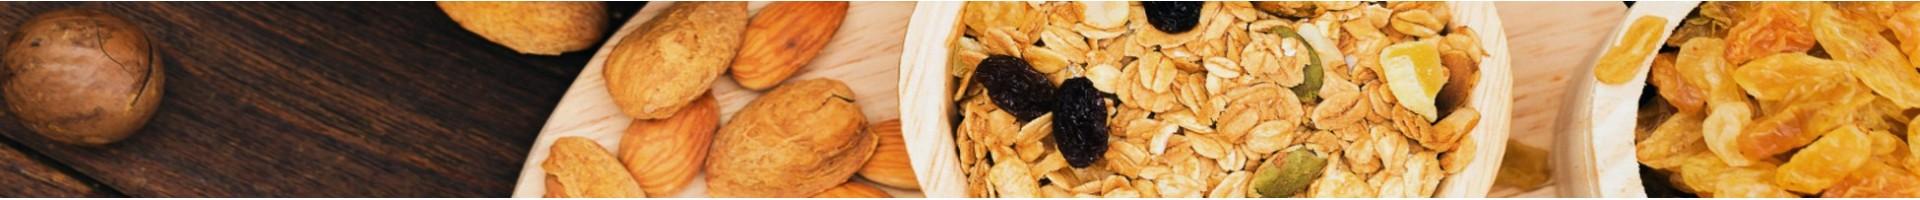 Cereales: Copos de Avena, Muesli y más | La Finestra